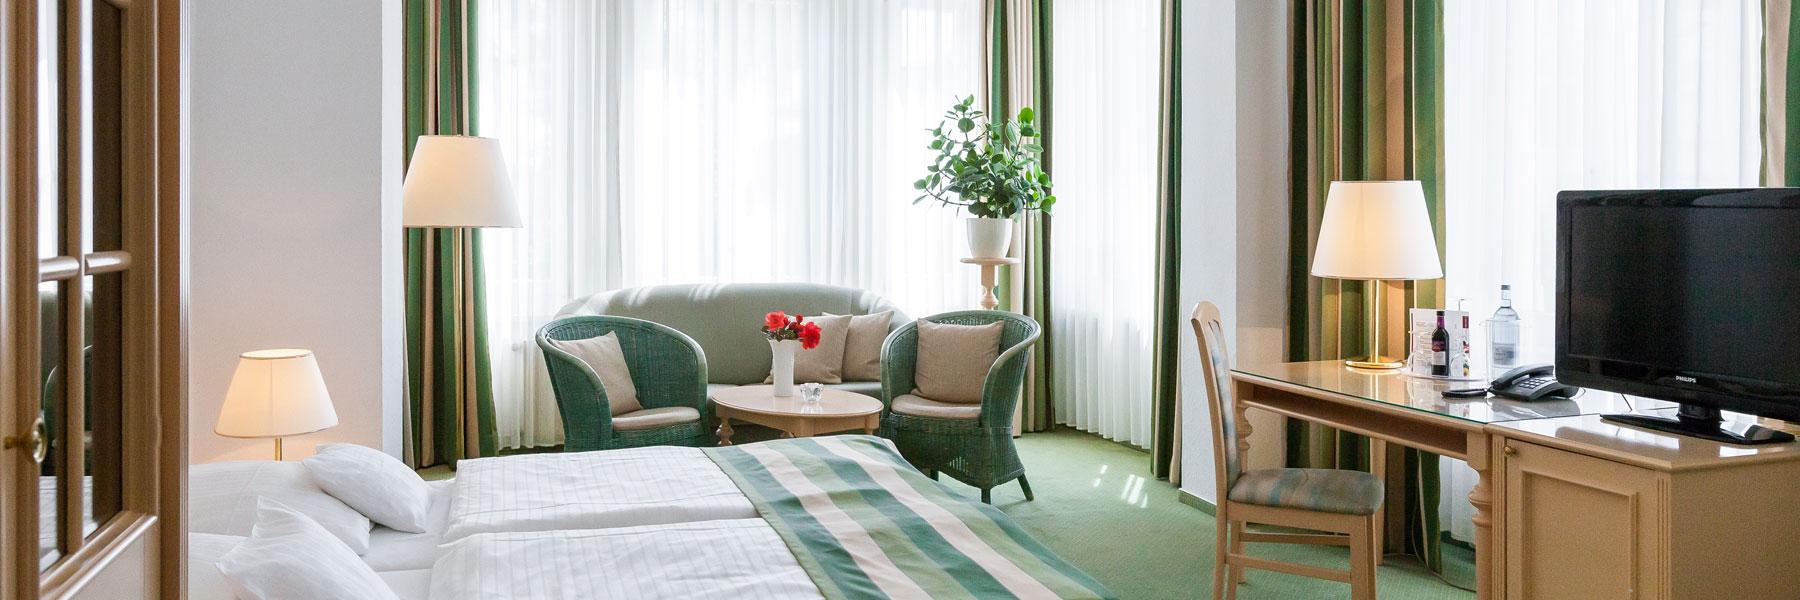 Zimmeransicht - Hotel Villa Auguste Viktoria